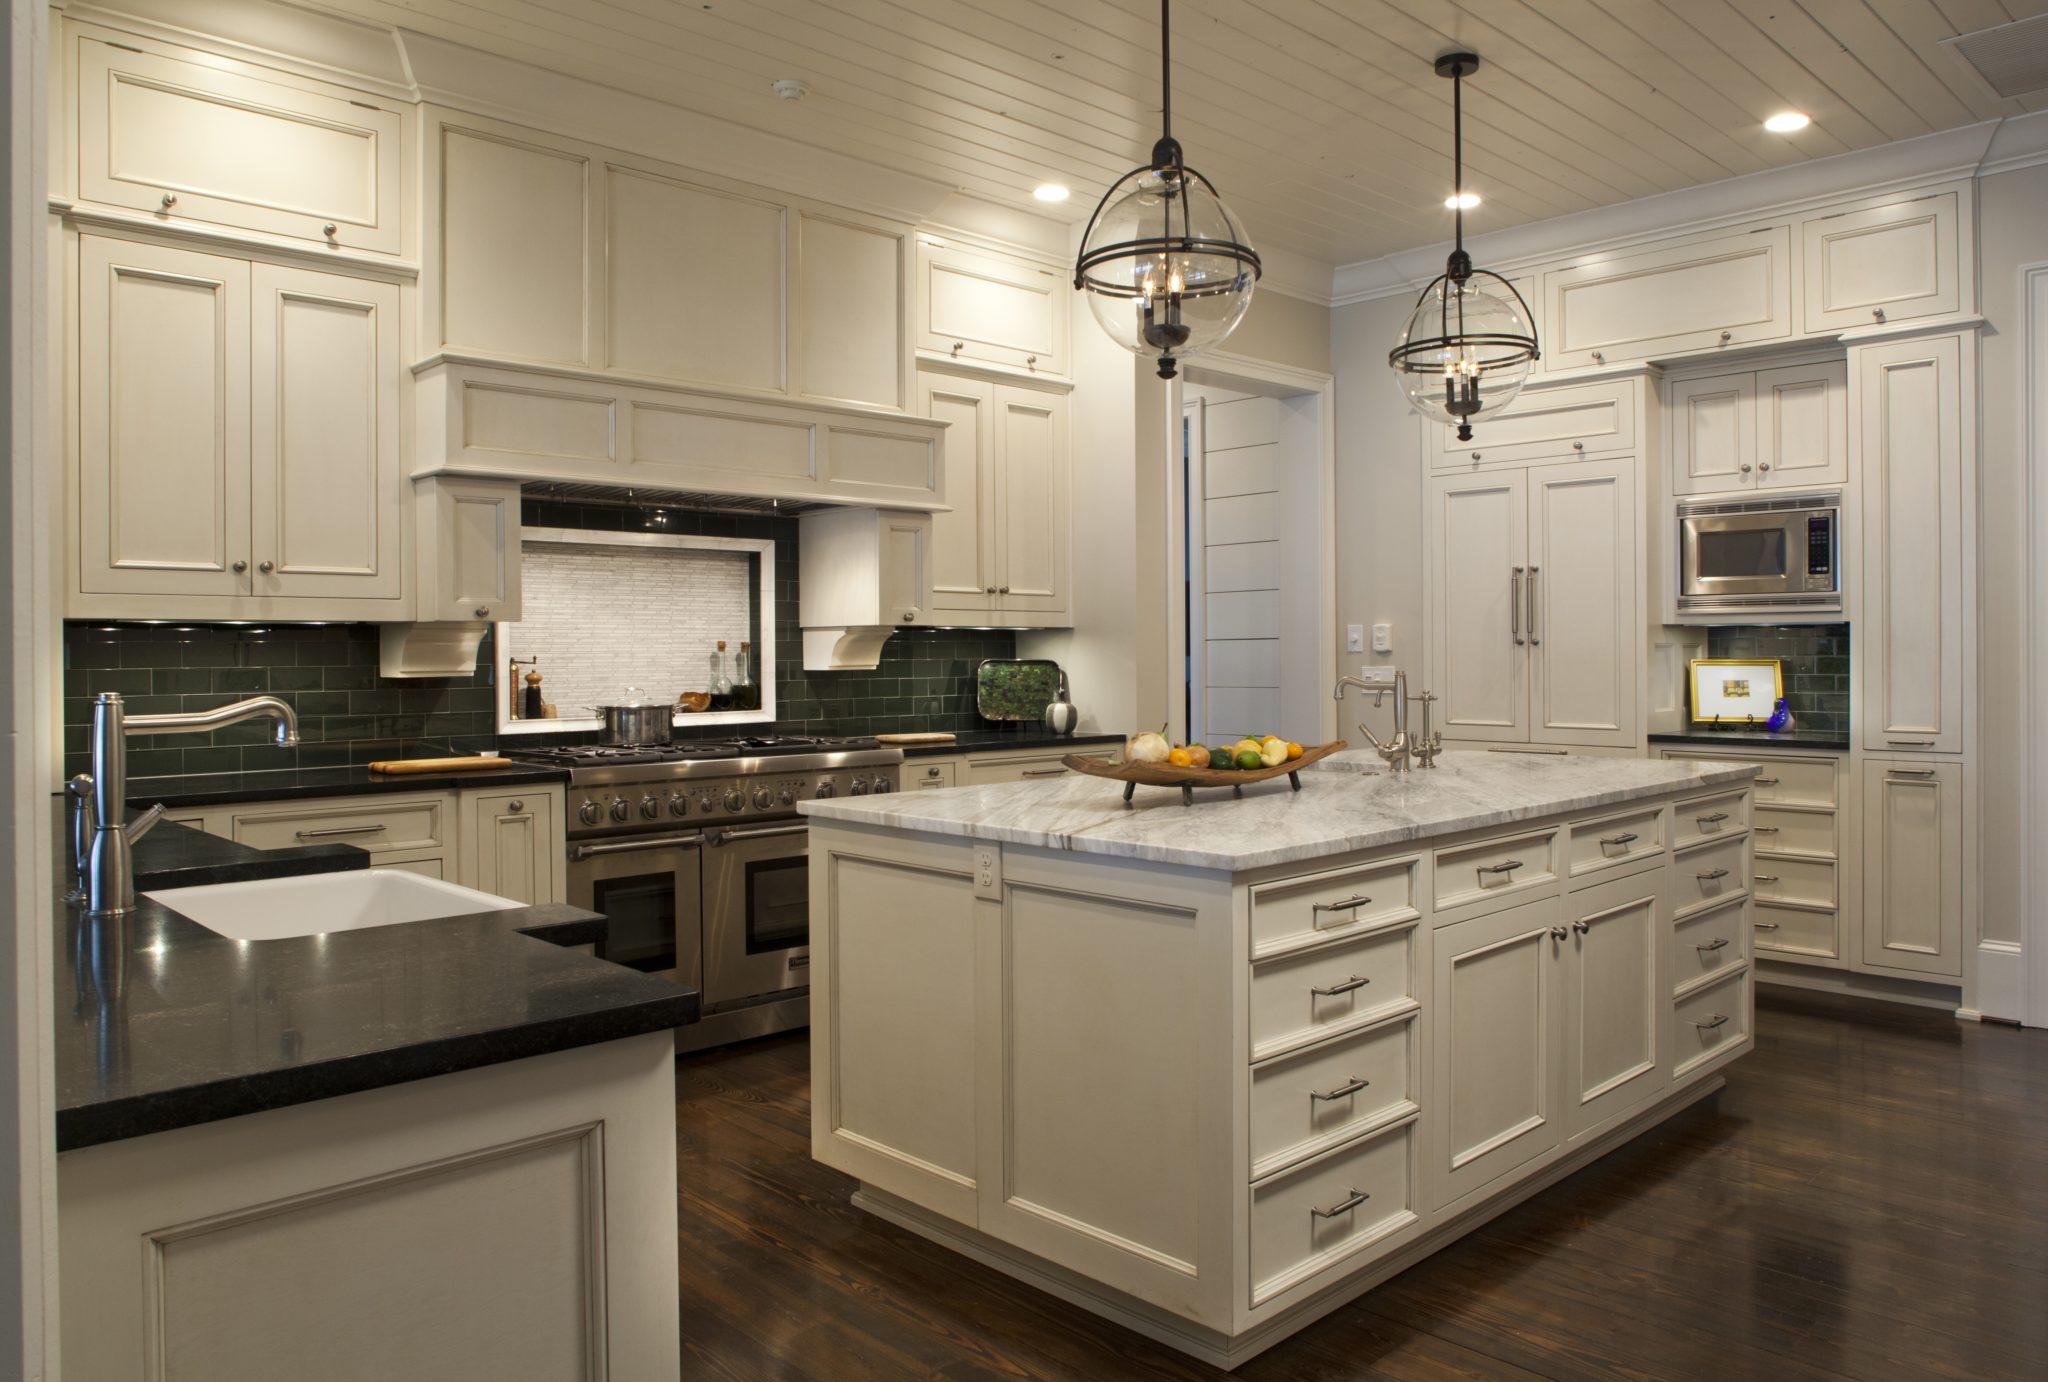 Coastal cottage kitchen by Amanda Webster Design, Inc.